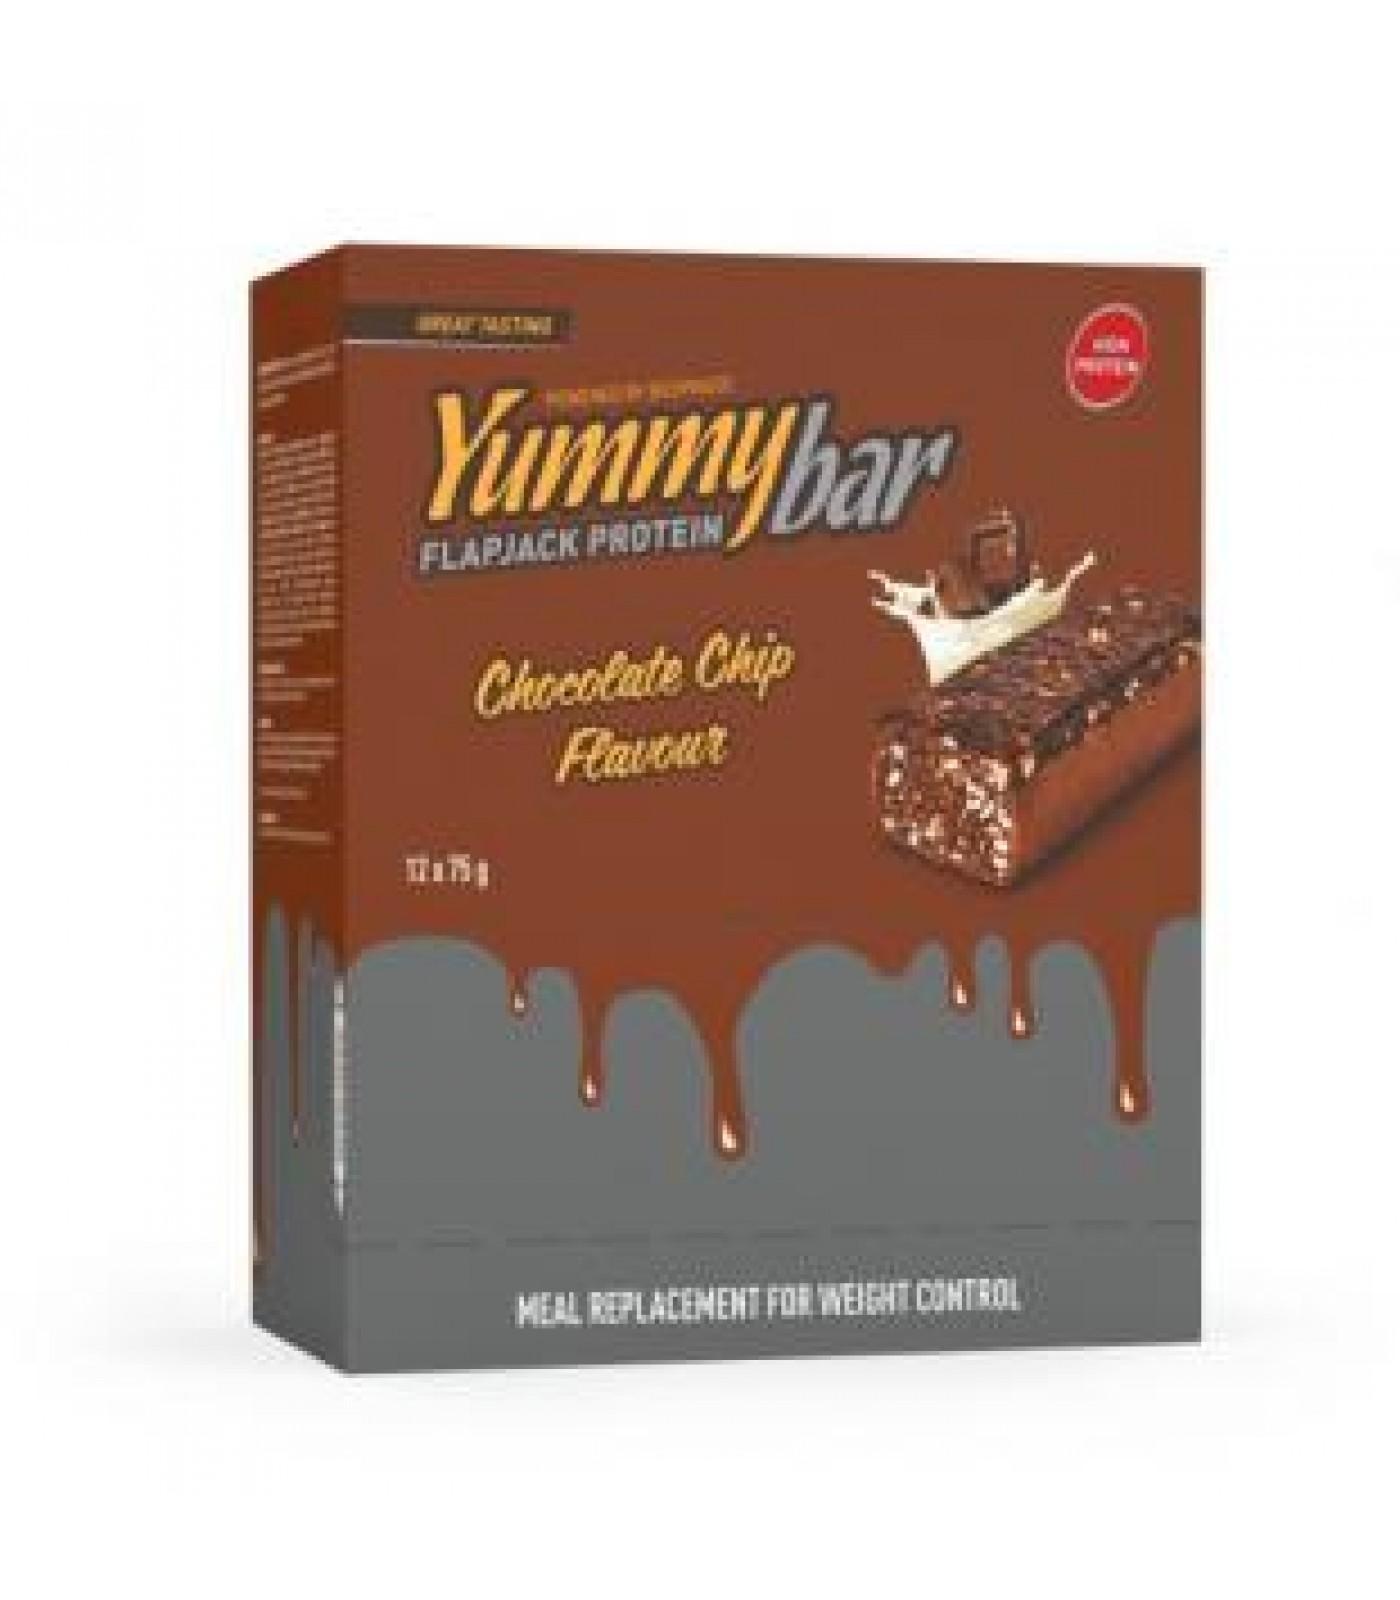 Bodyraise - Yummy Flapjack Bar / 12 x 75g.